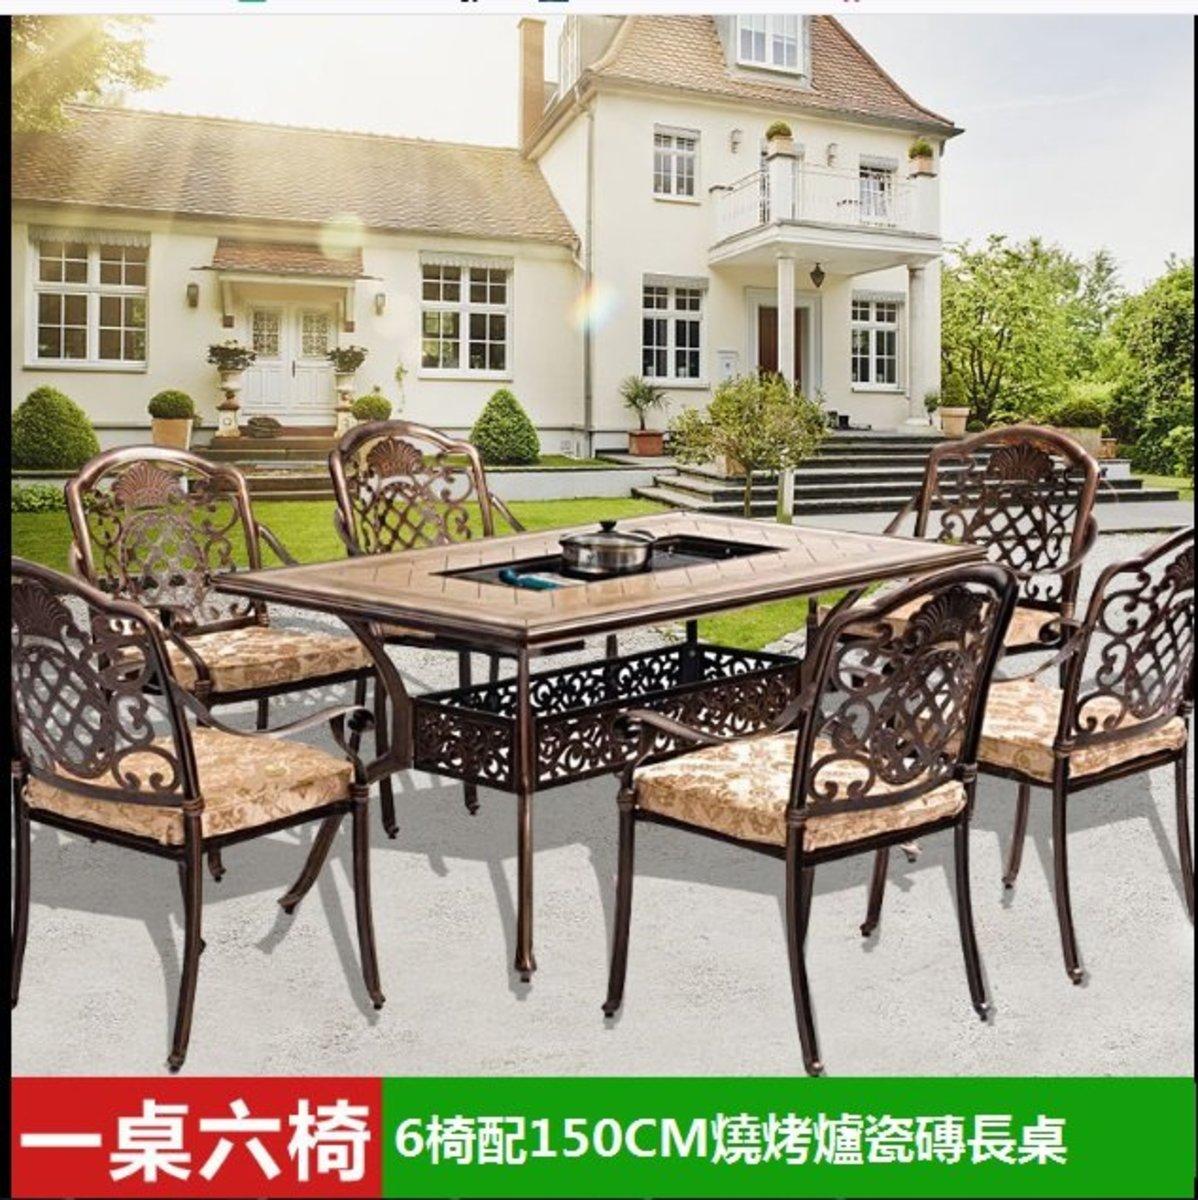 咖啡廳燒烤火鍋長桌(1號:6椅配150CM燒烤爐瓷磚長桌)